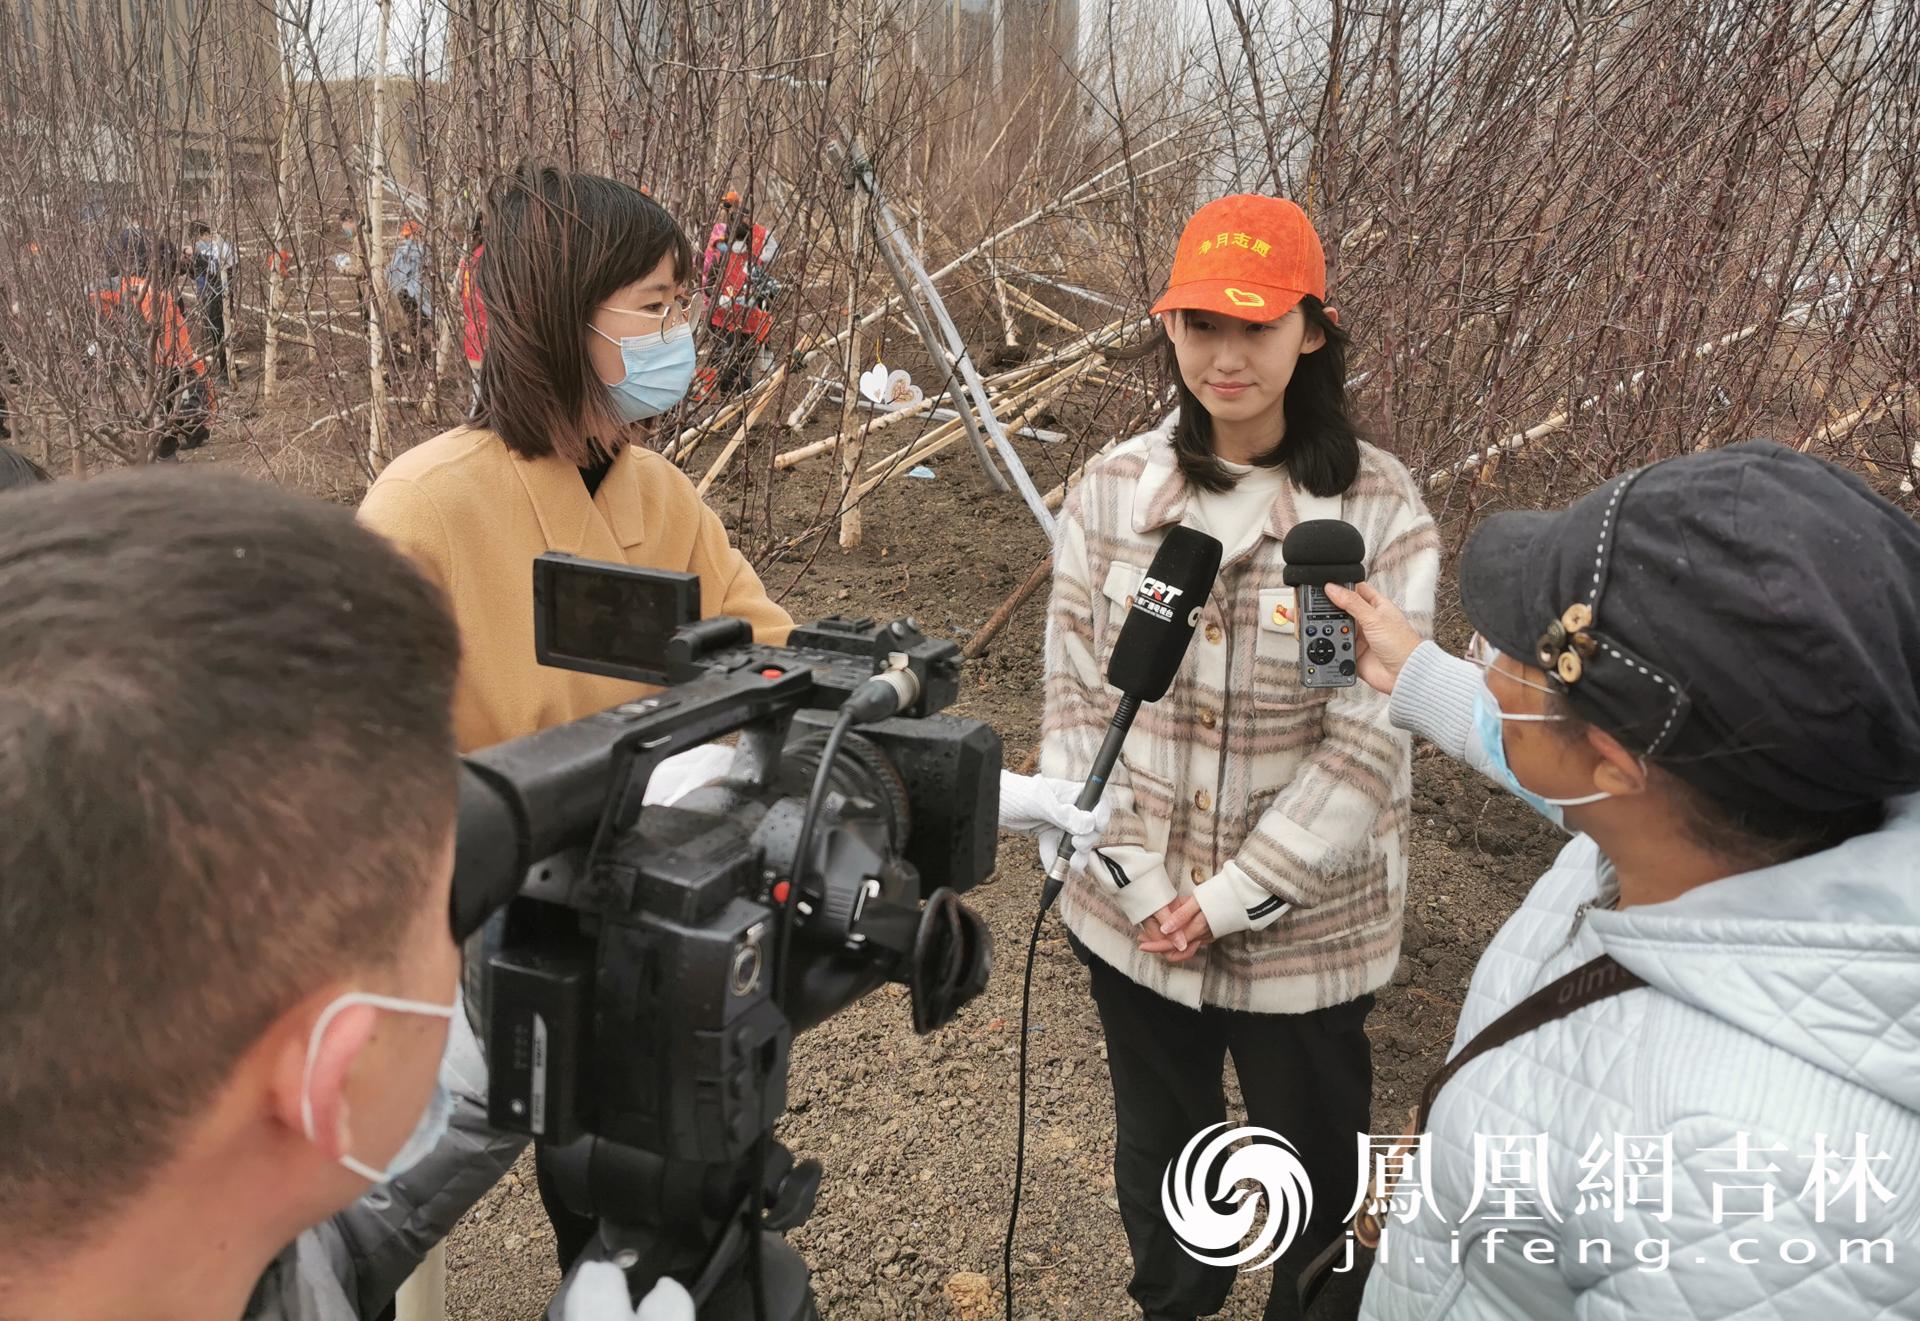 参与活动的粉丝接受媒体采访。